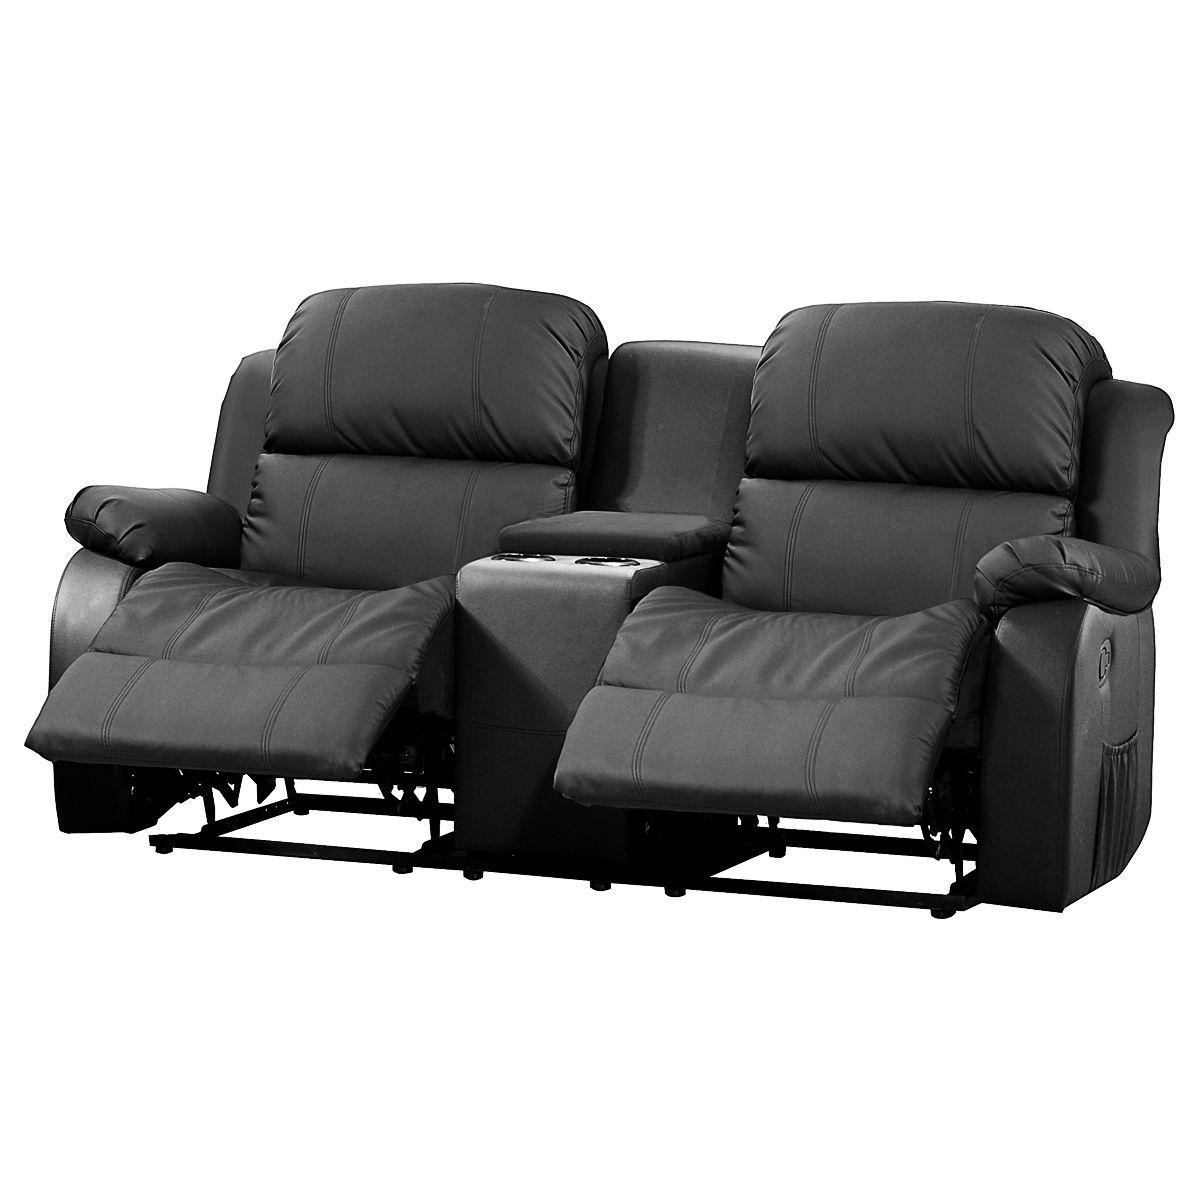 Full Size of 2 Sitzer Sofa Mit Relaxfunktion Stressless Elektrischer Couch 5 Leder 2 Sitzer City Elektrisch Gebraucht 5 Sitzer   Grau 196 Cm Breit Pantryküche Kühlschrank Sofa 2 Sitzer Sofa Mit Relaxfunktion